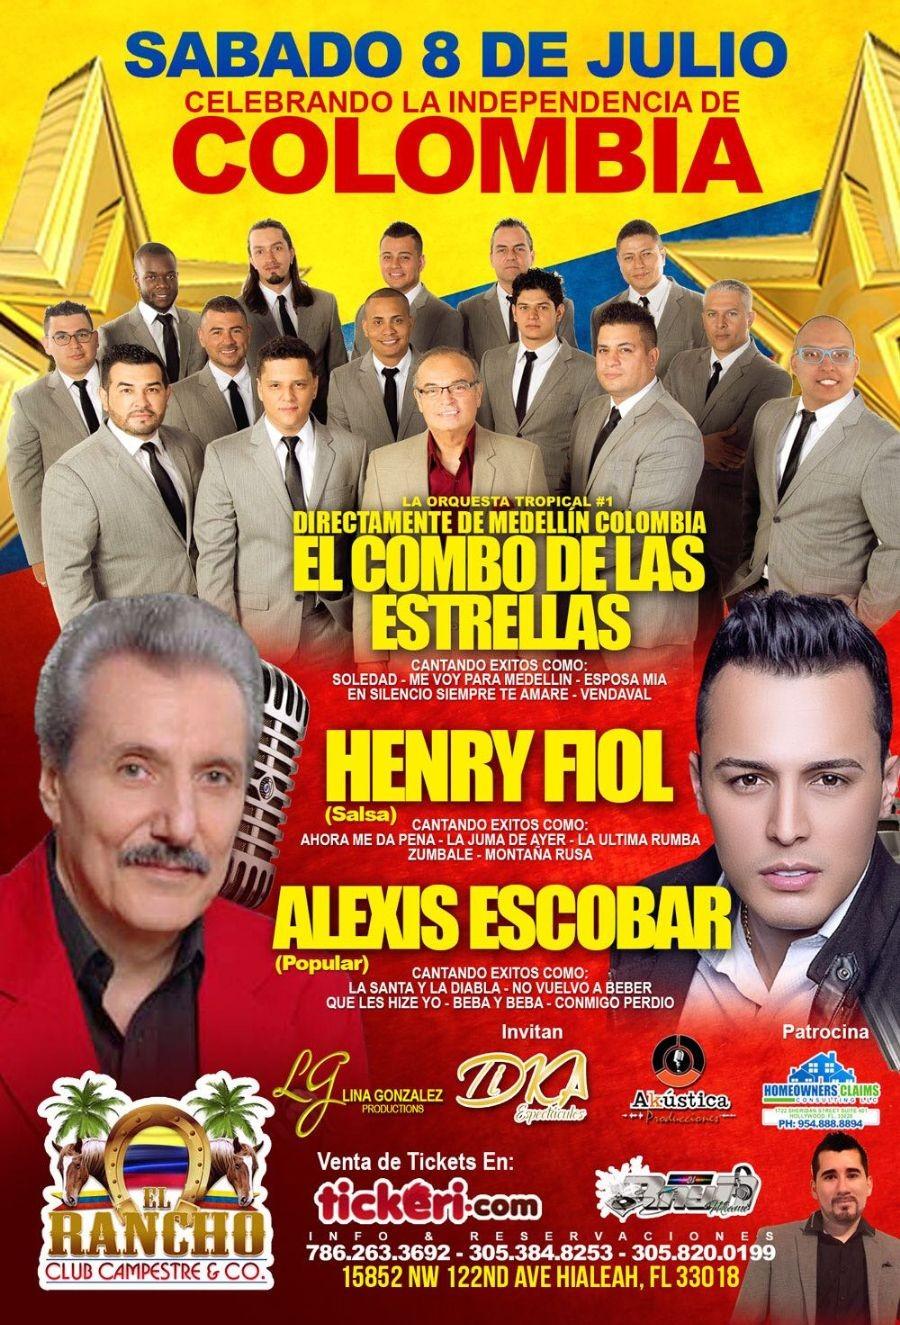 El Combo de Las Estrellas,Henry Fiol & Alexis Escobar en Hialeah,FL @ El Rancho Miami | Hialeah | Florida | United States